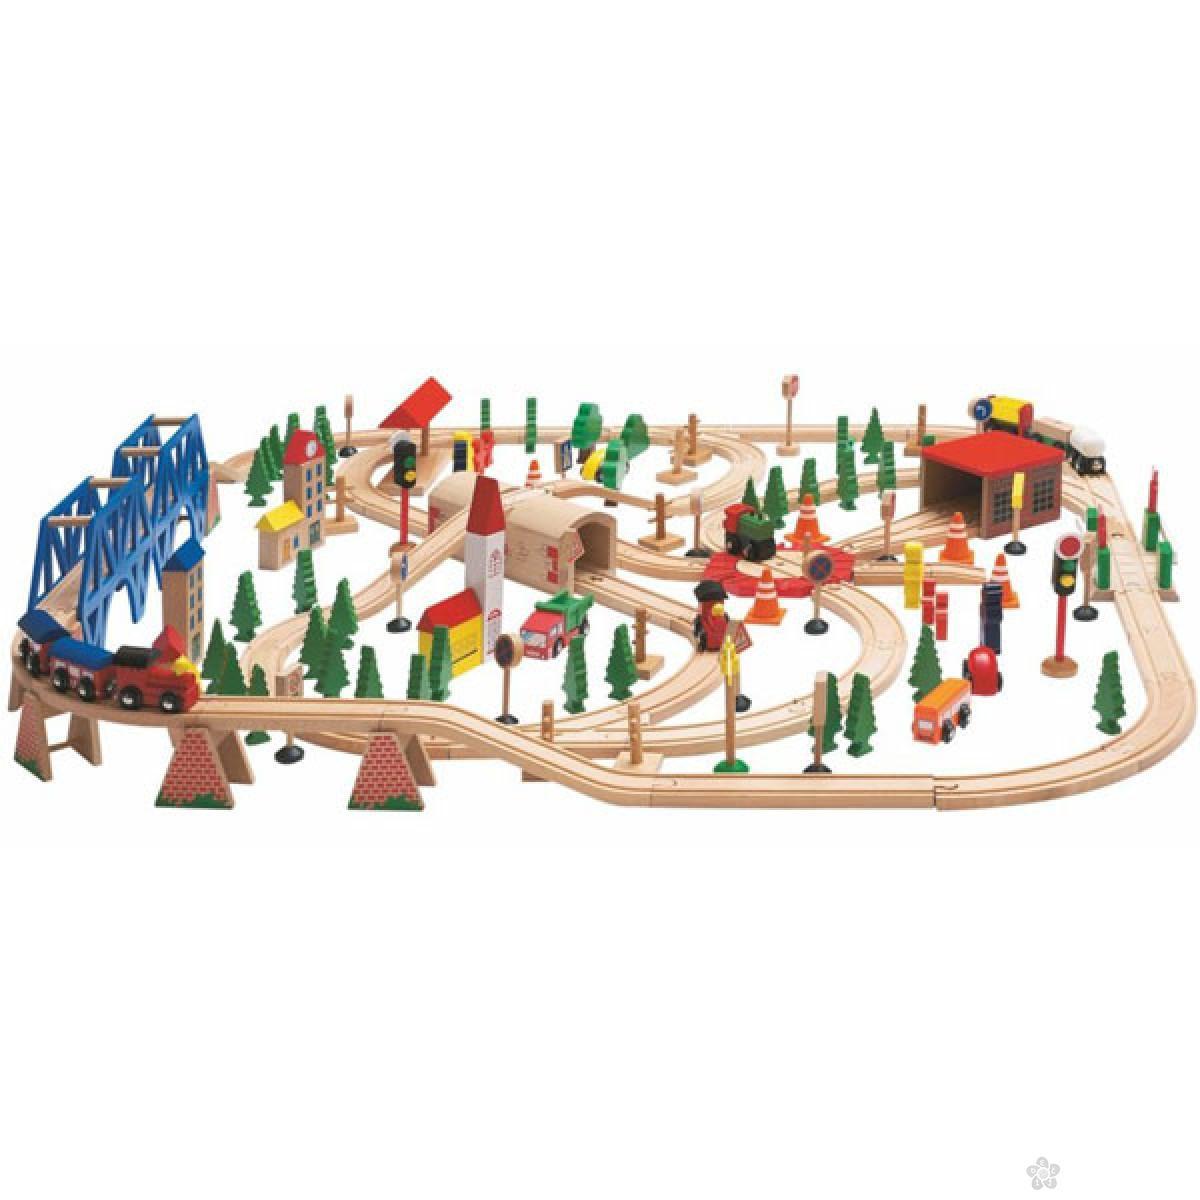 Železnički set u drvenoj kutiji Woody, 90578